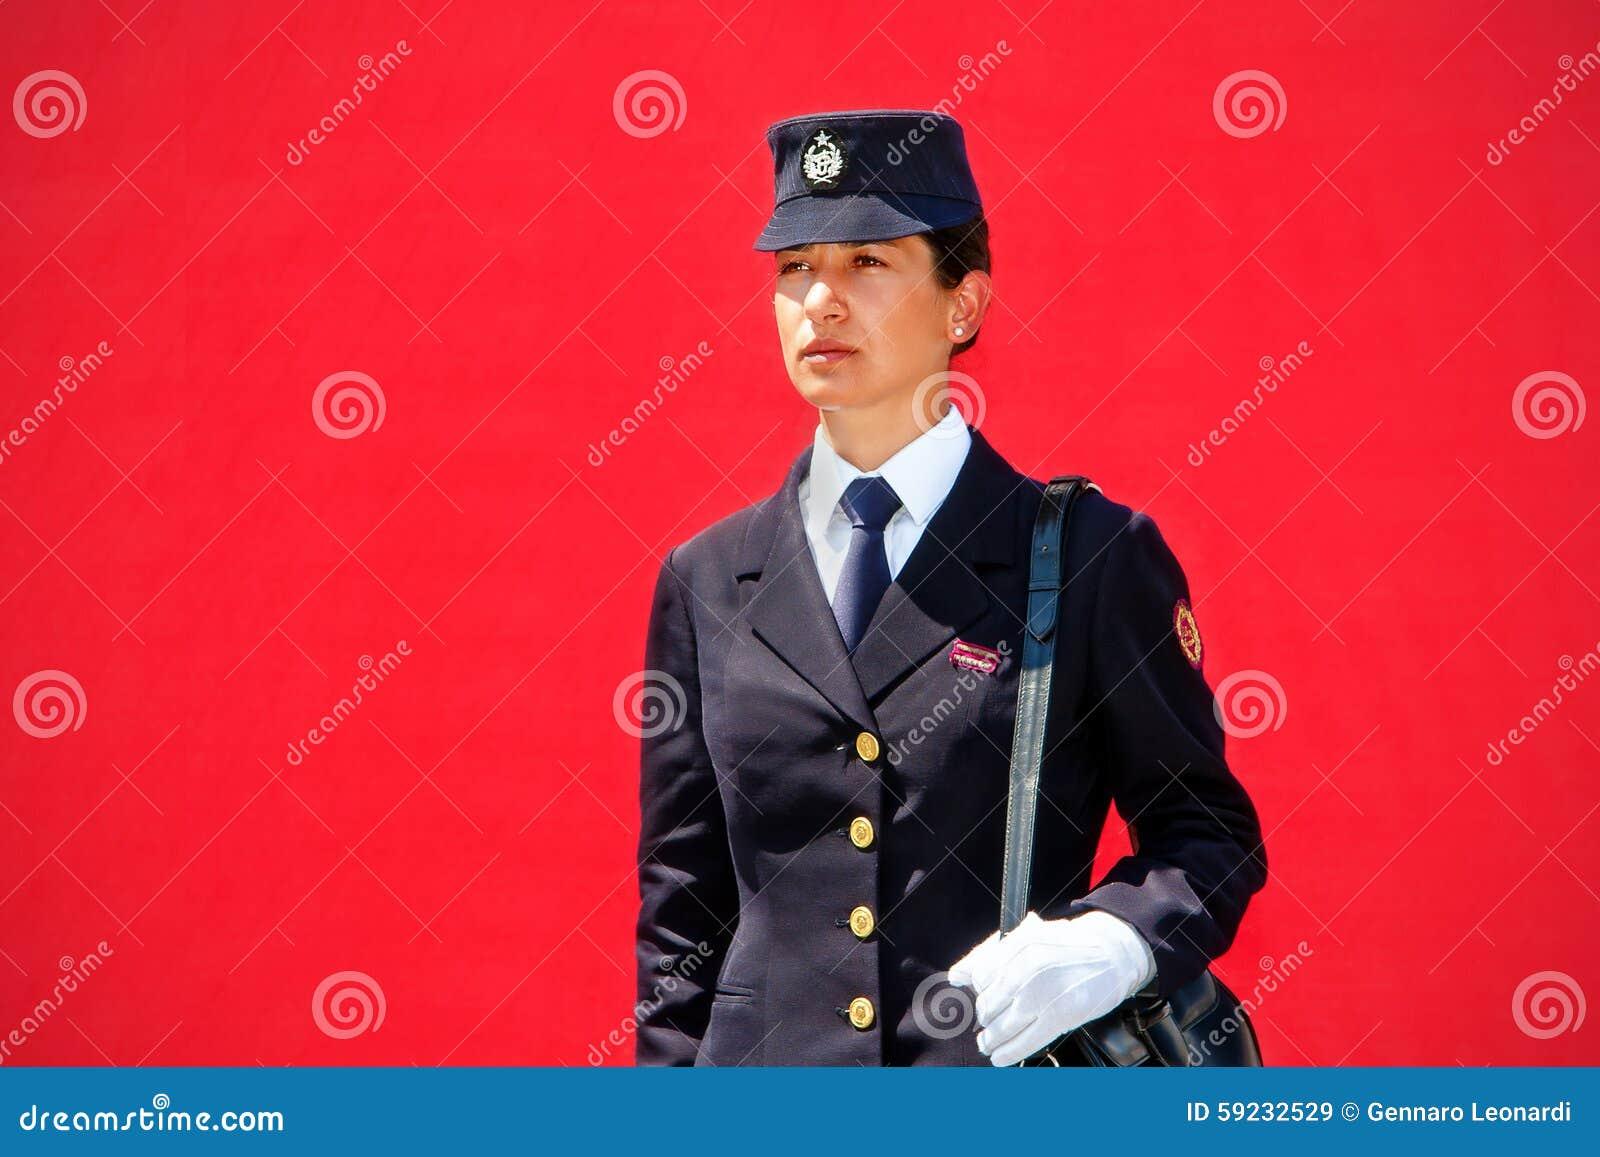 Download Policía Uniforme Histórica De La Mujer Imagen de archivo editorial - Imagen de histórico, sombrero: 59232529